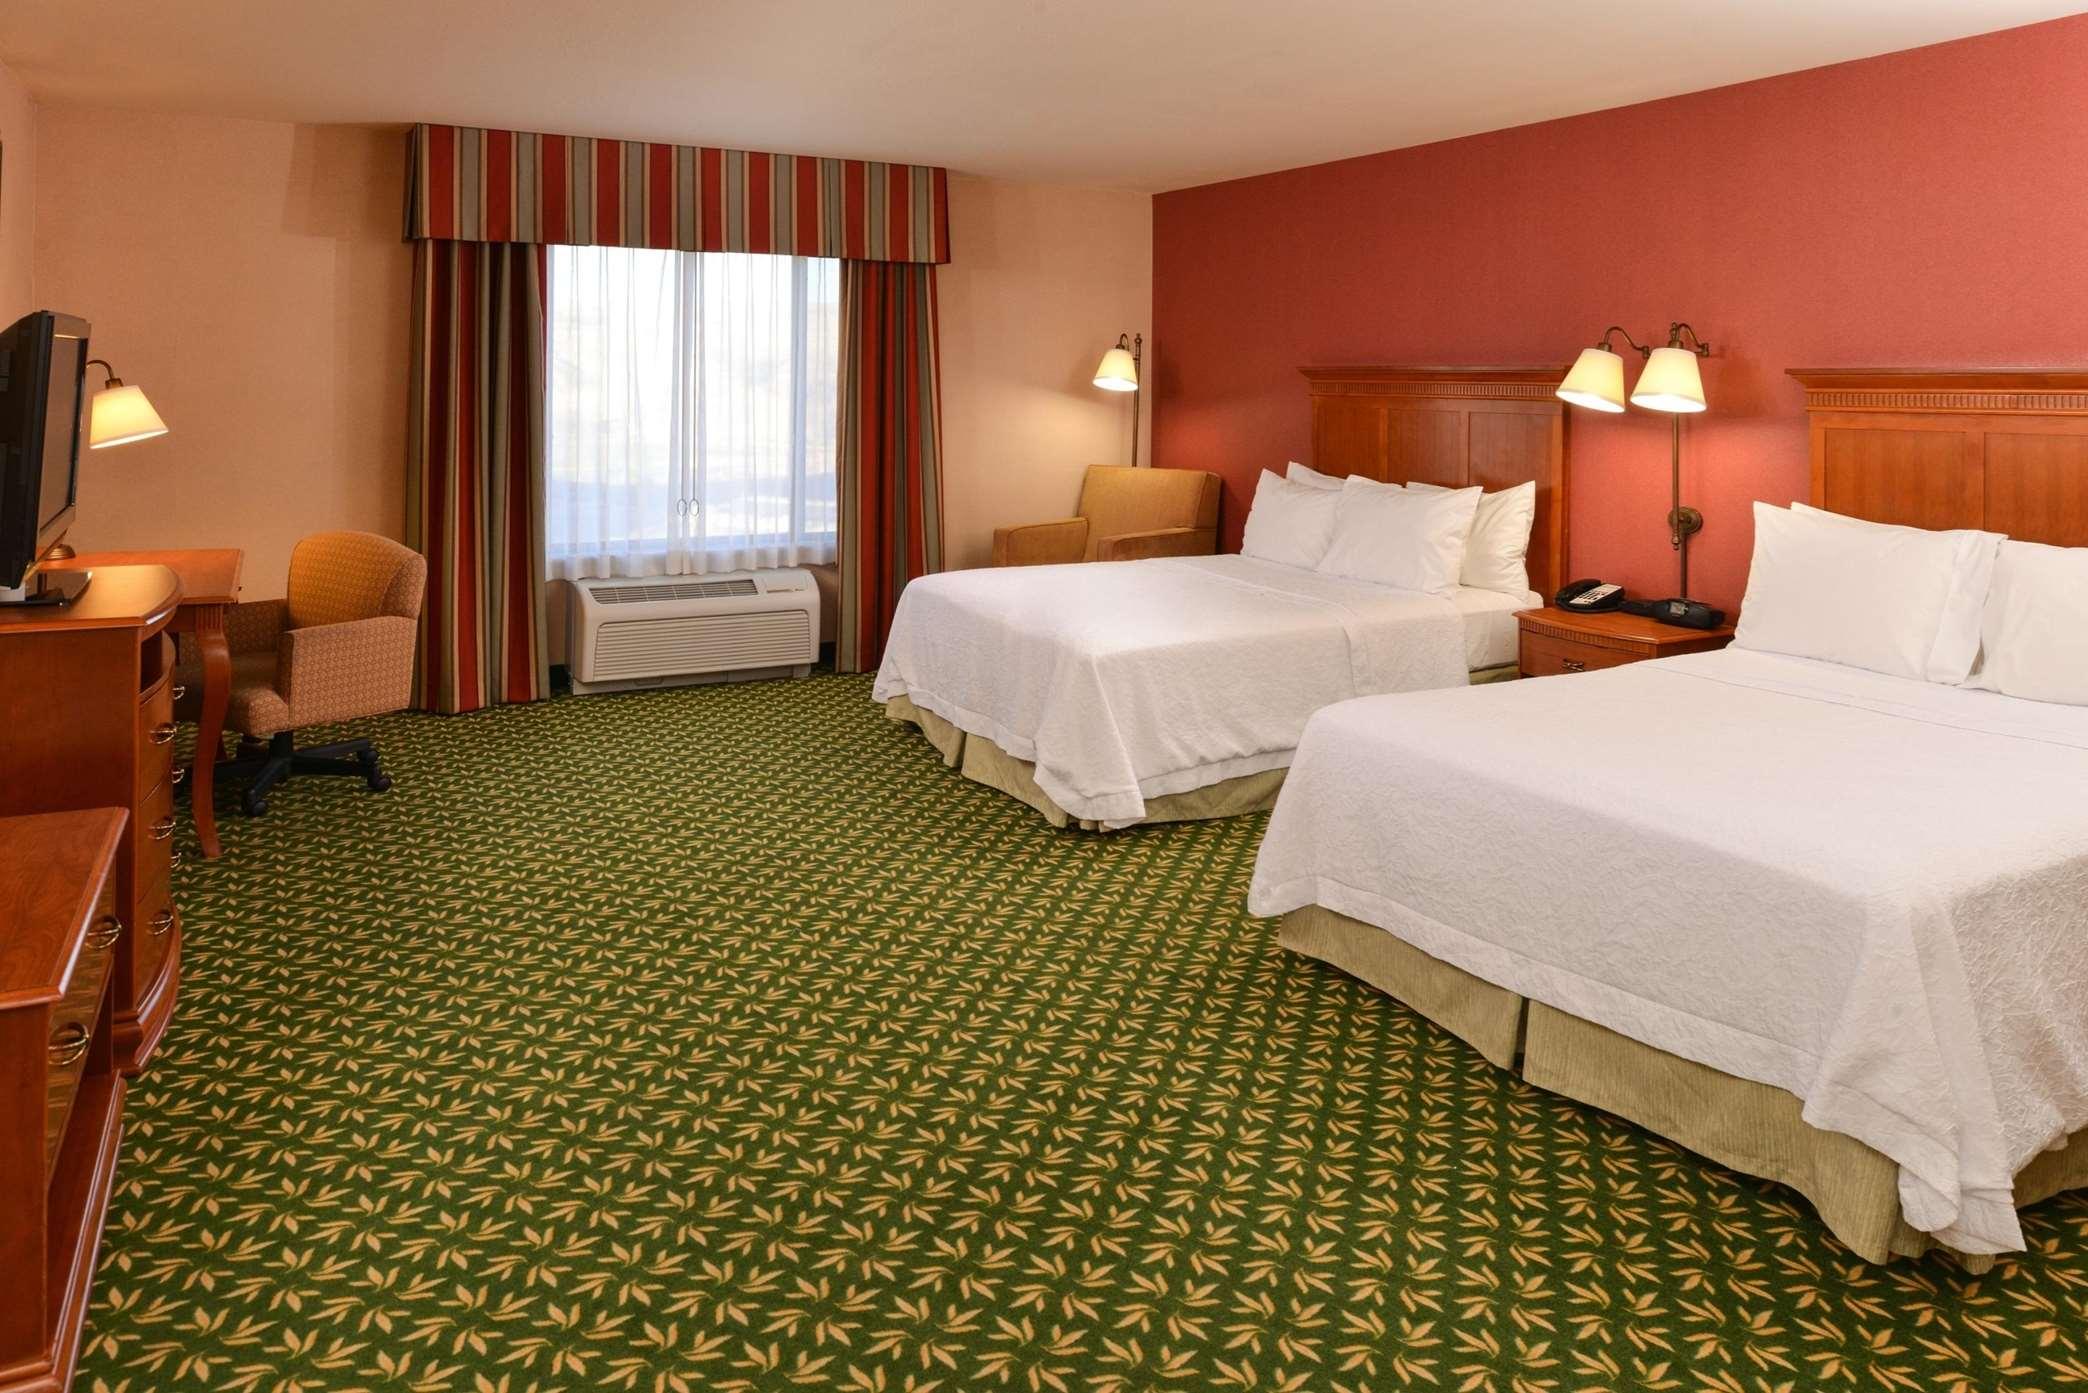 Hampton Inn & Suites Casper image 25